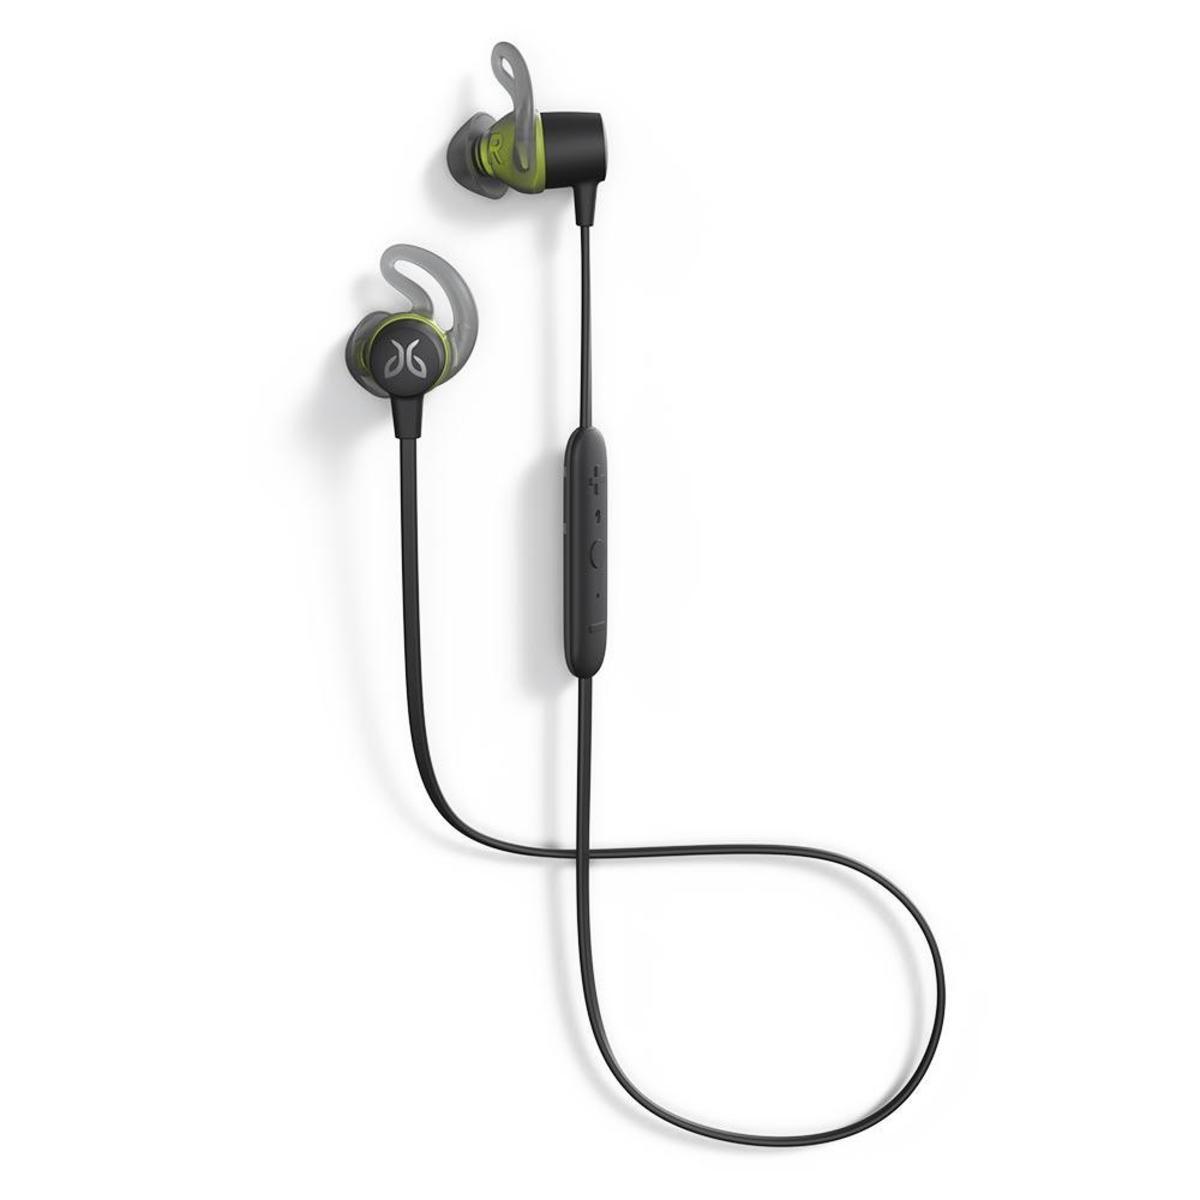 Tarah 無線運動藍牙耳機 - 黑色